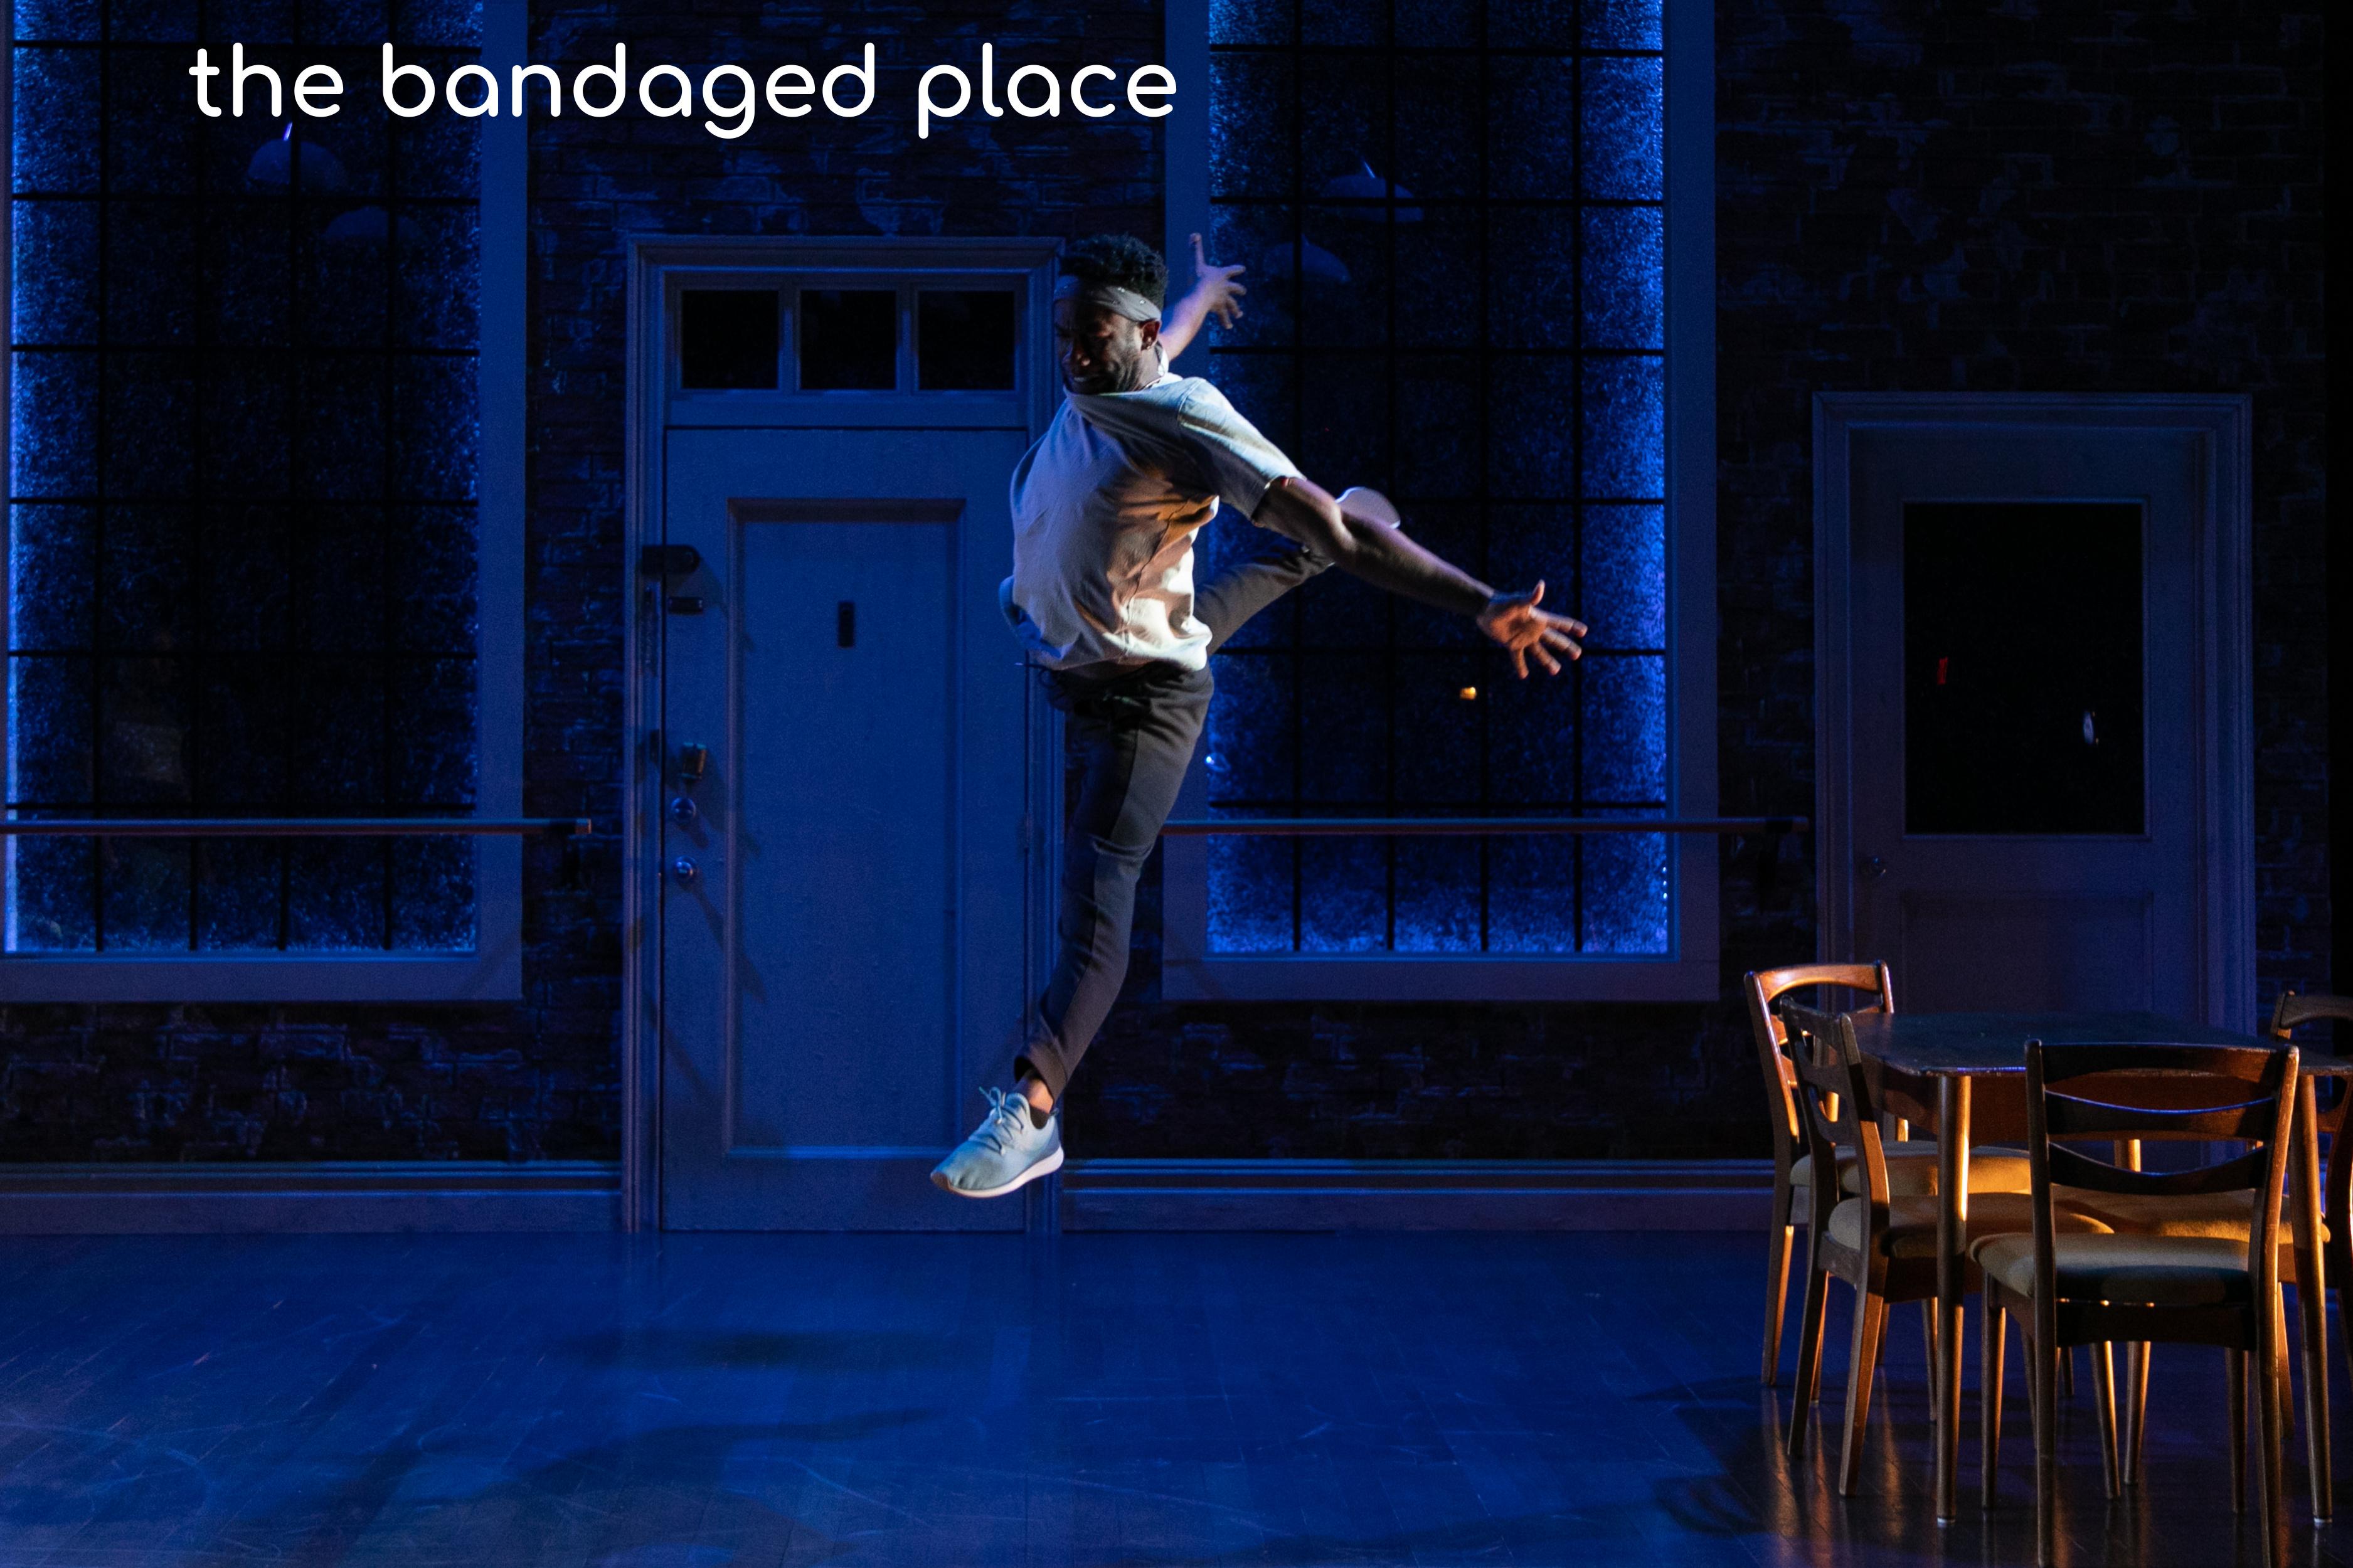 the bandaged place